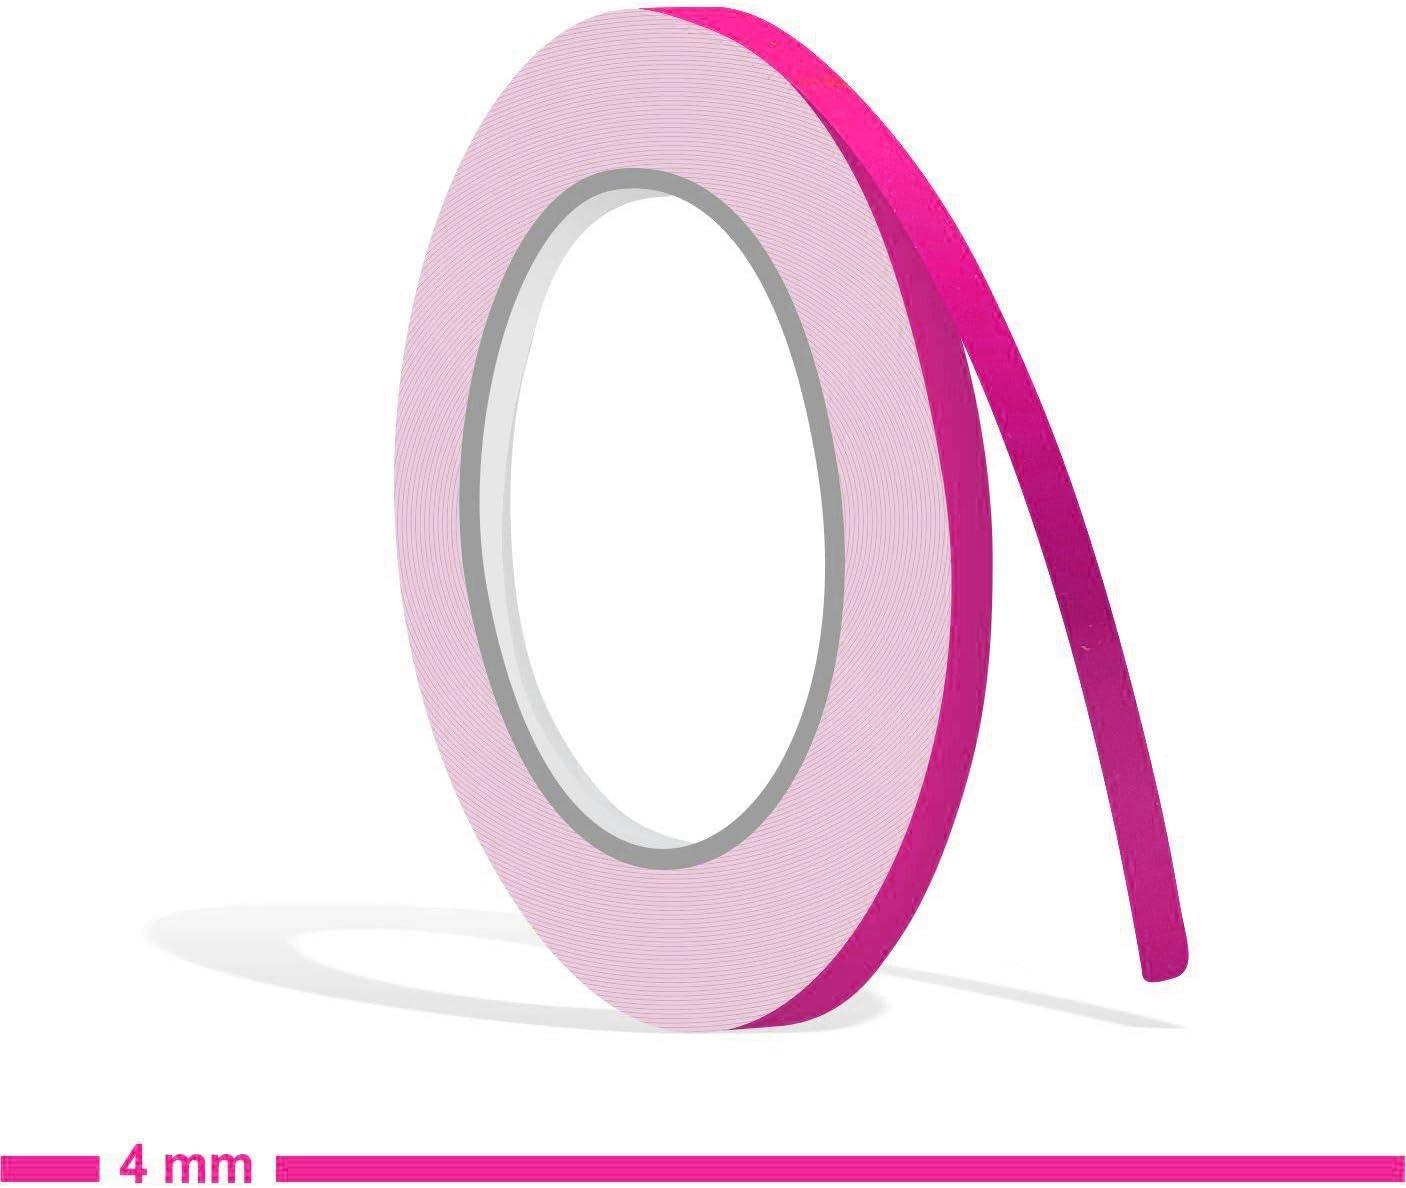 Siviwonder Zierstreifen pink in 4 mm Breite und 10 m L/änge Folie Aufkleber f/ür Auto Boot Jetski Modellbau Klebeband Dekorstreifen rosa